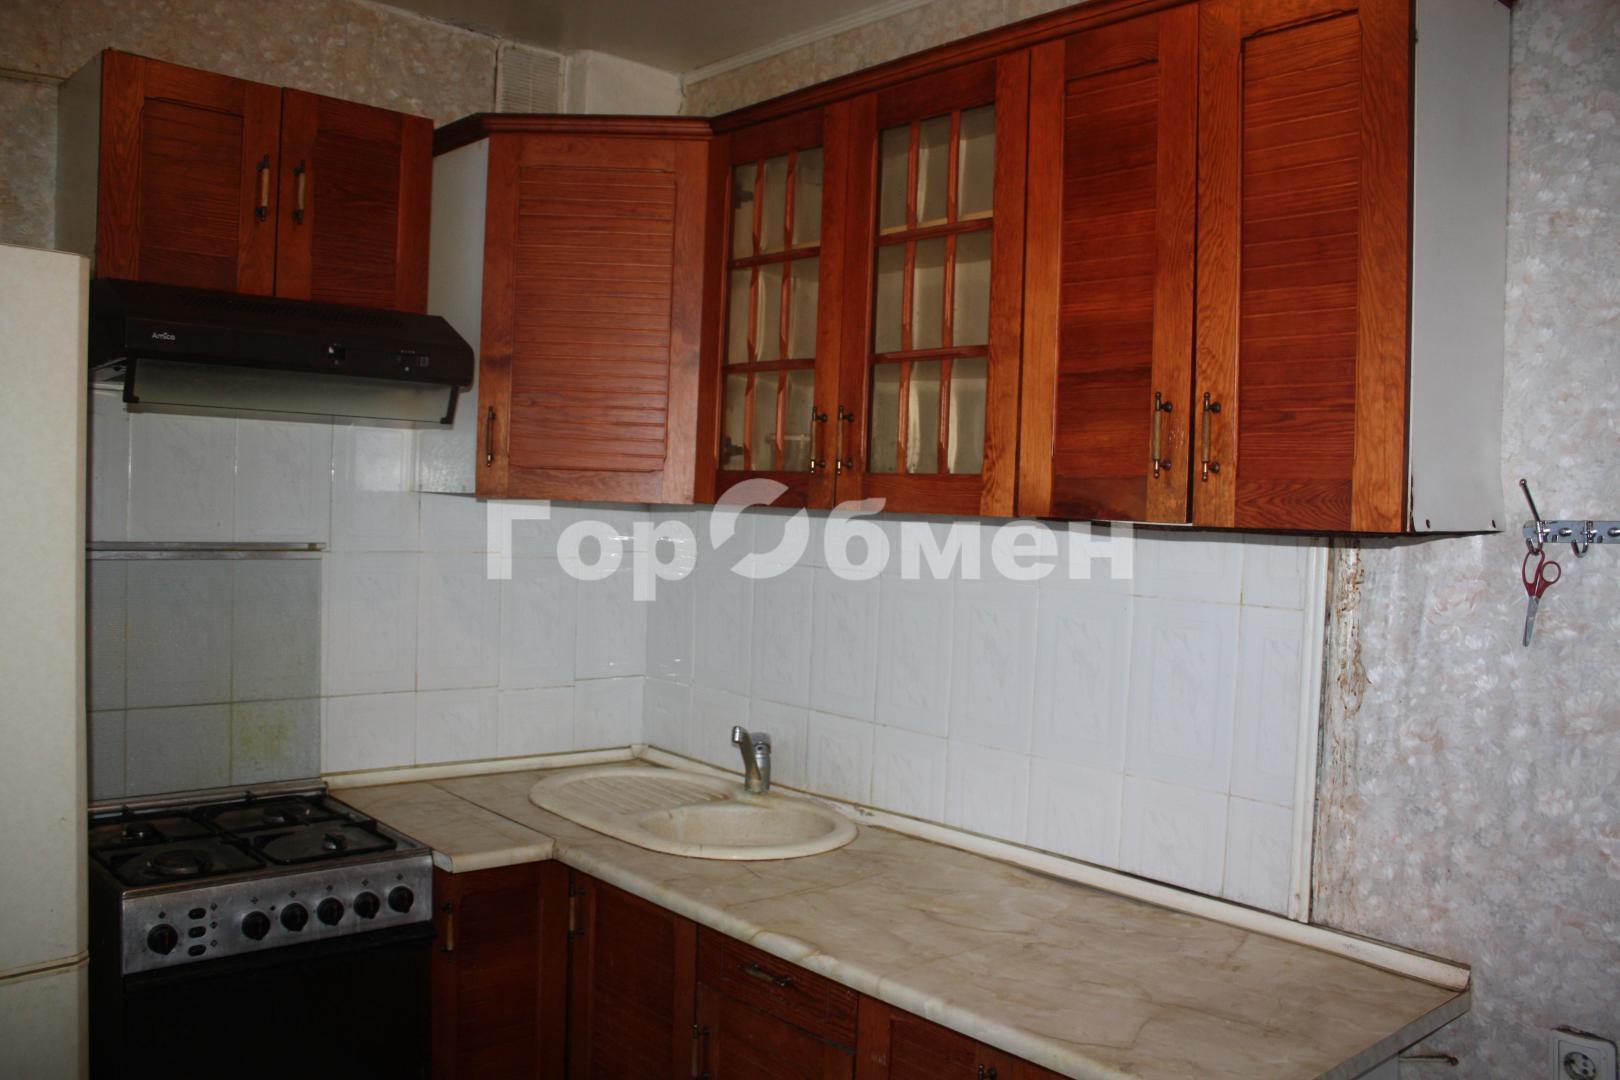 Продается трехкомнатная квартира за 3 300 000 рублей. Дмитров, улица Космонавтов, 39.